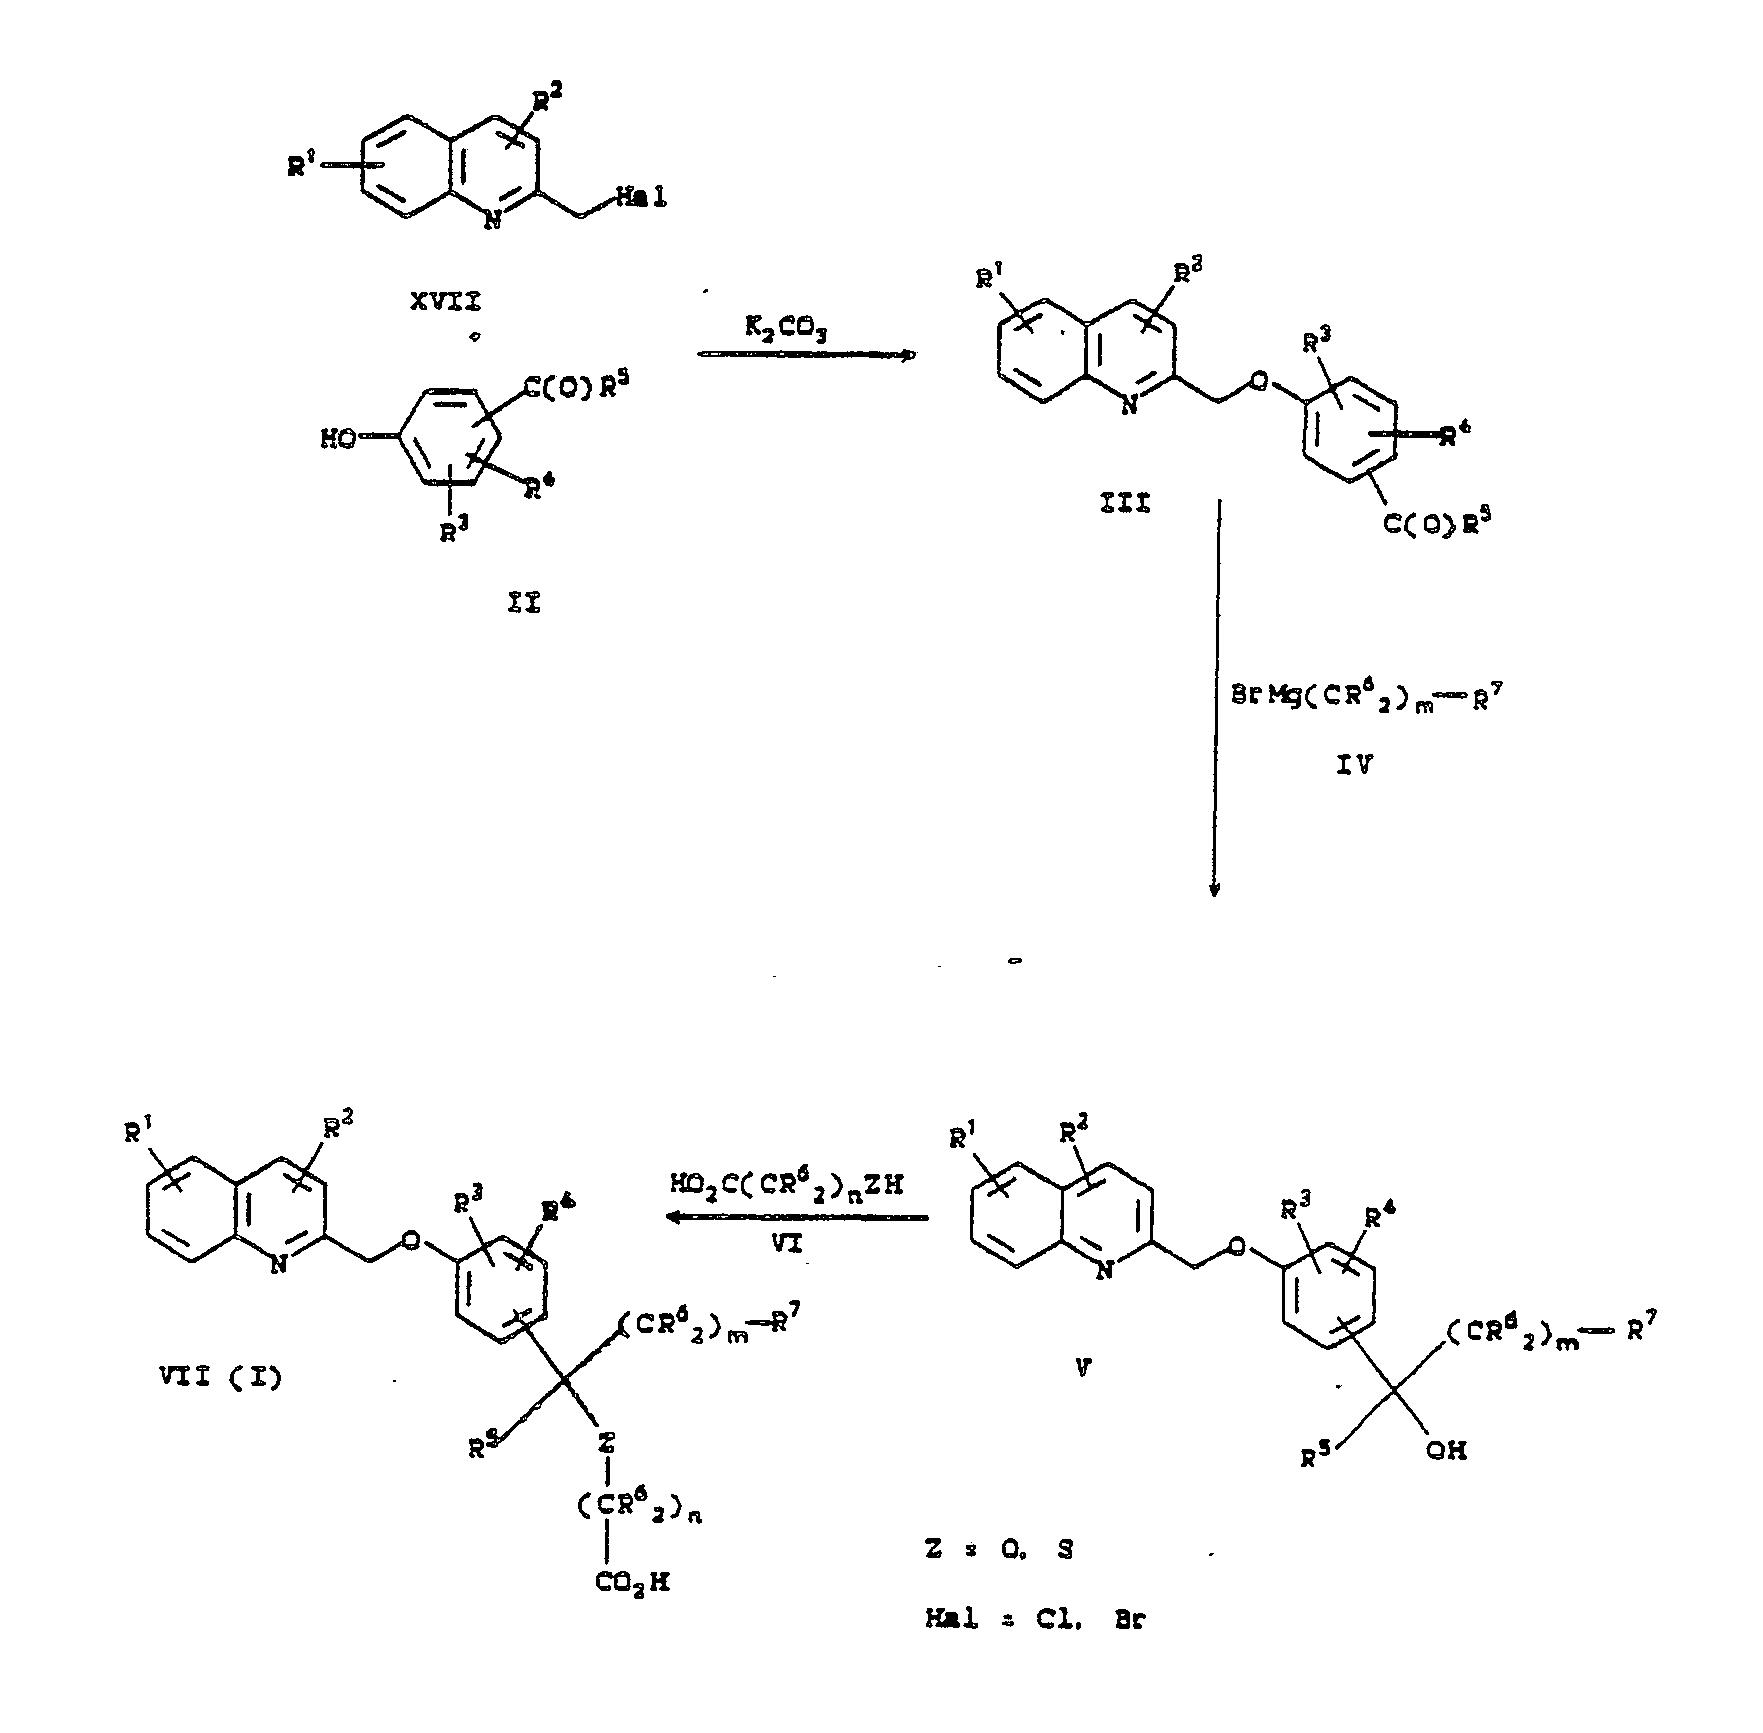 Lewis structure of ibuprofen